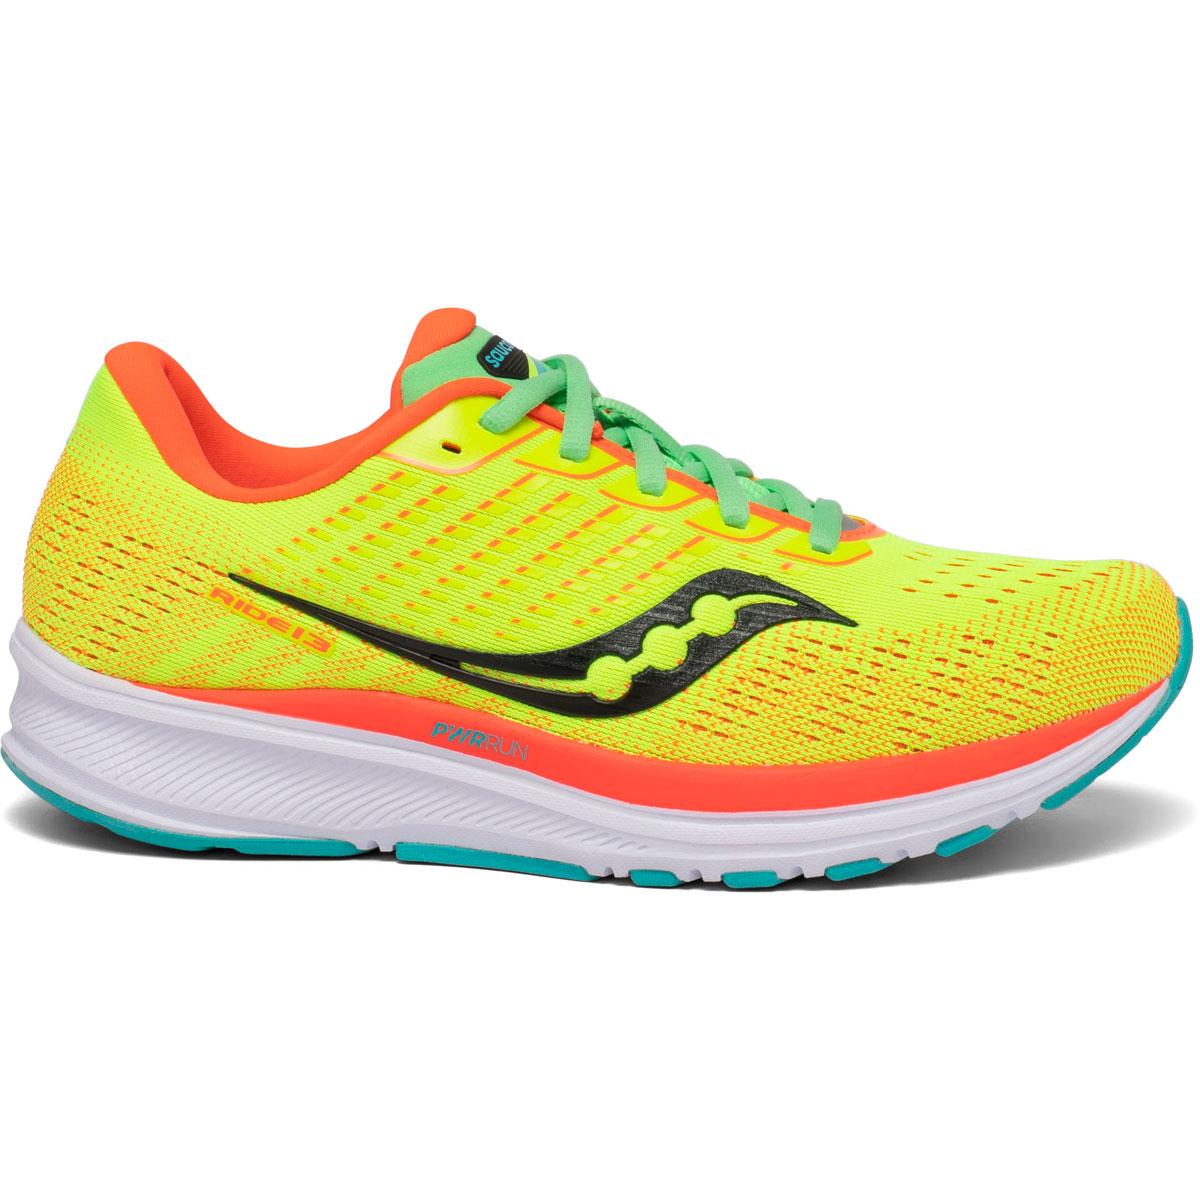 Women's Saucony Ride 13 Running Shoe - Color: Citron Mutant - Size: 5 - Width: Regular, Citron Mutant, large, image 1